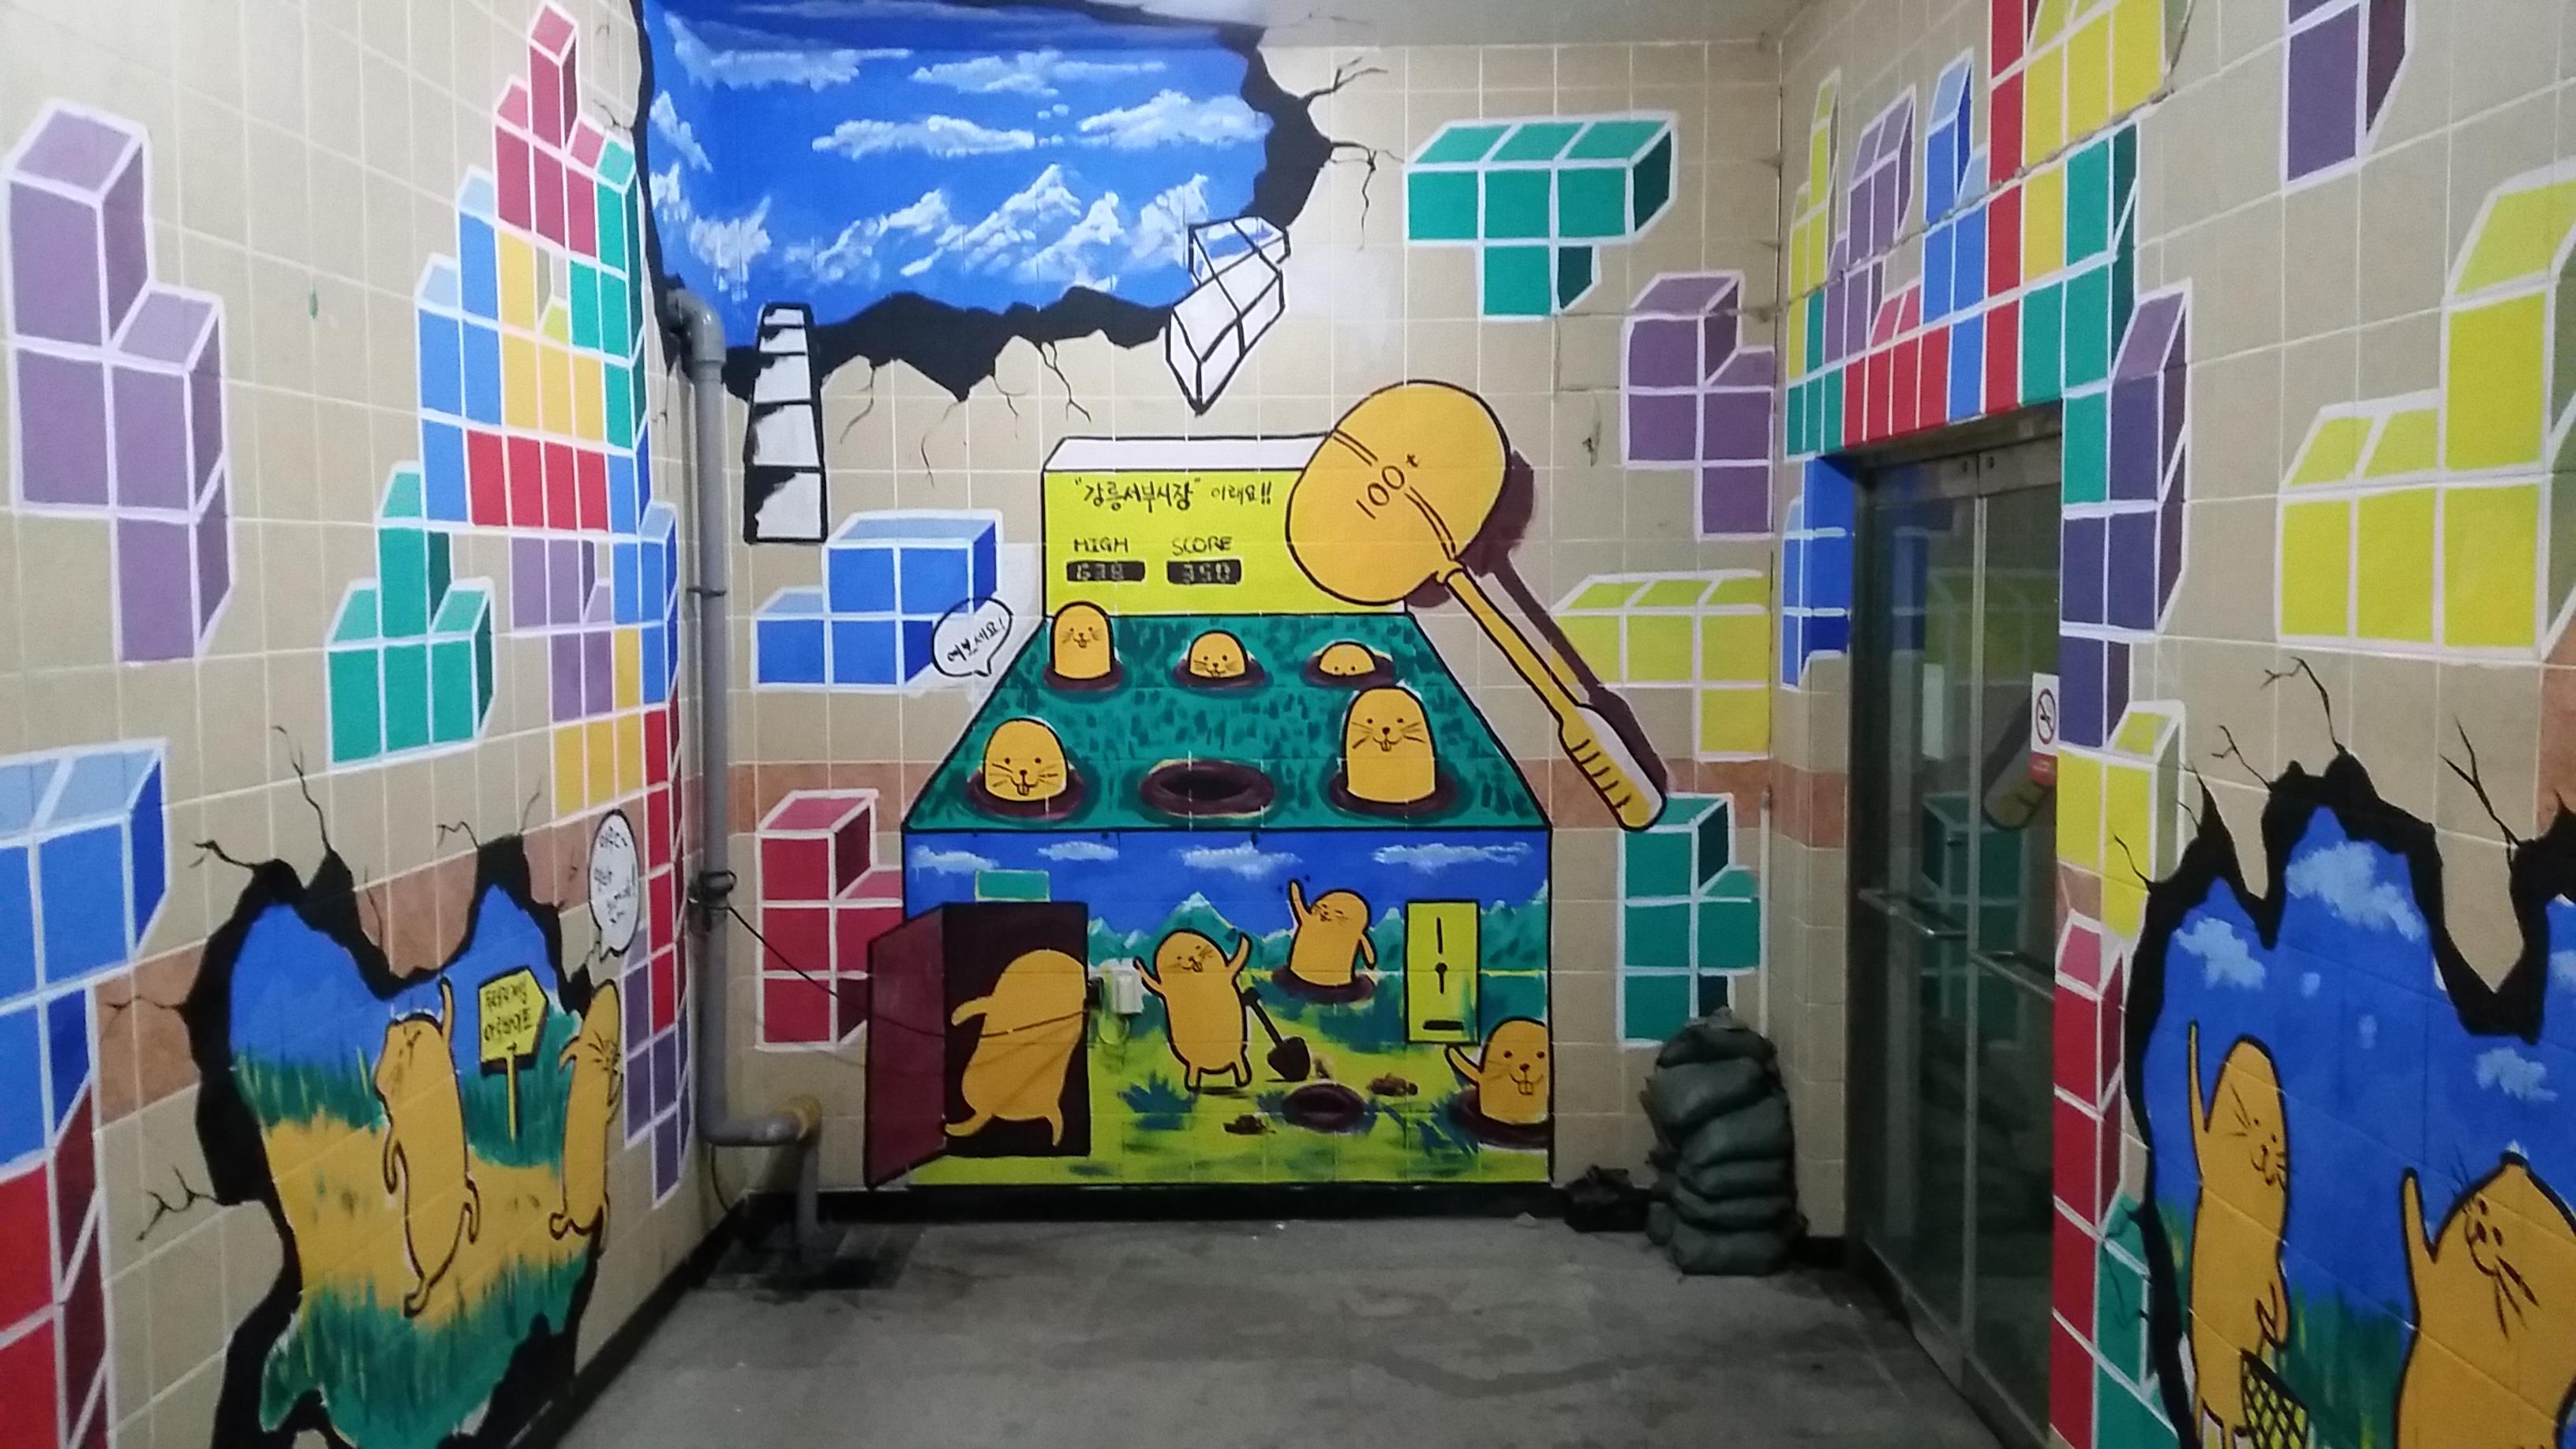 석기시대의 벽화이야기 #04 - 강릉서부시장